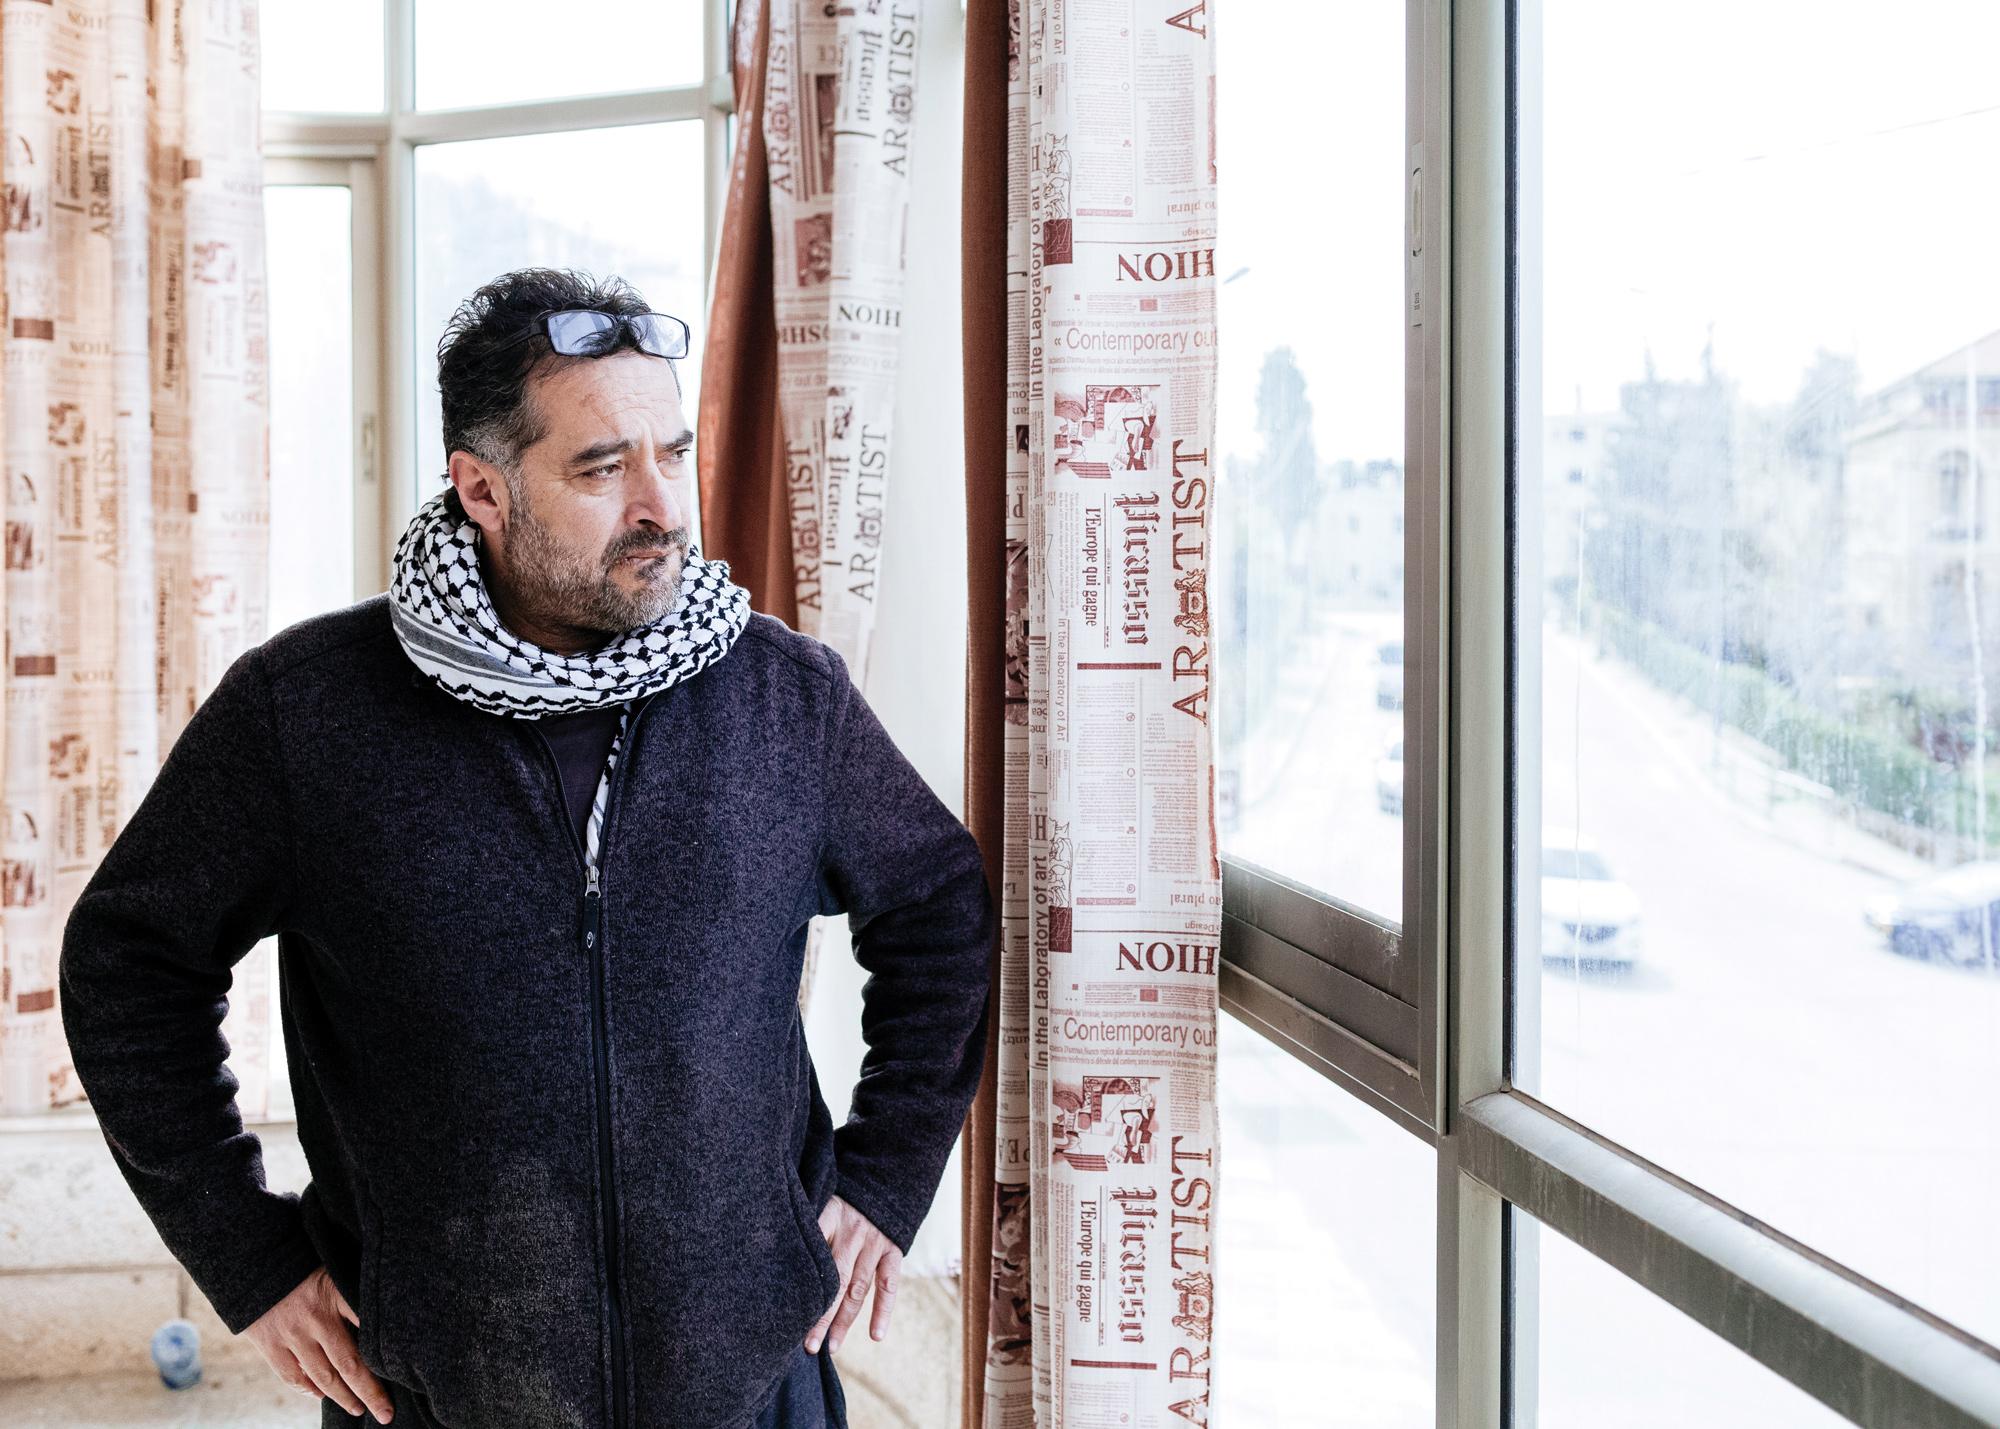 خالد حوراني: أرسم لأقول ما لم أستطع بعد قوله